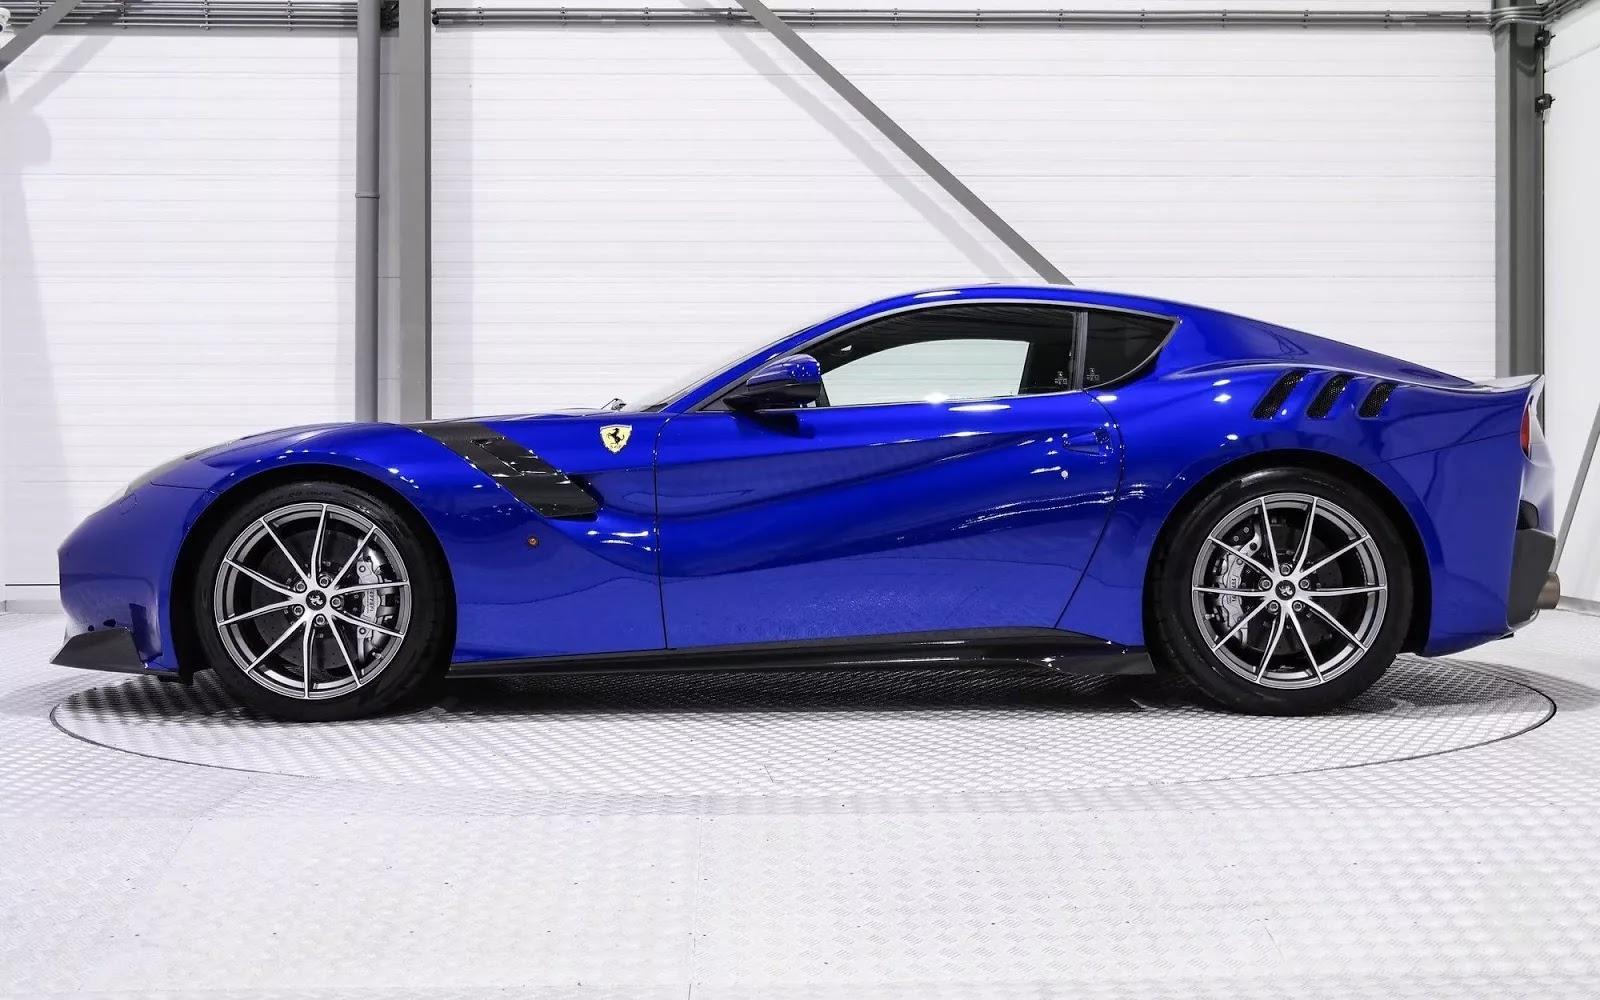 Ferrari-F12tdf-Blue-2.webp